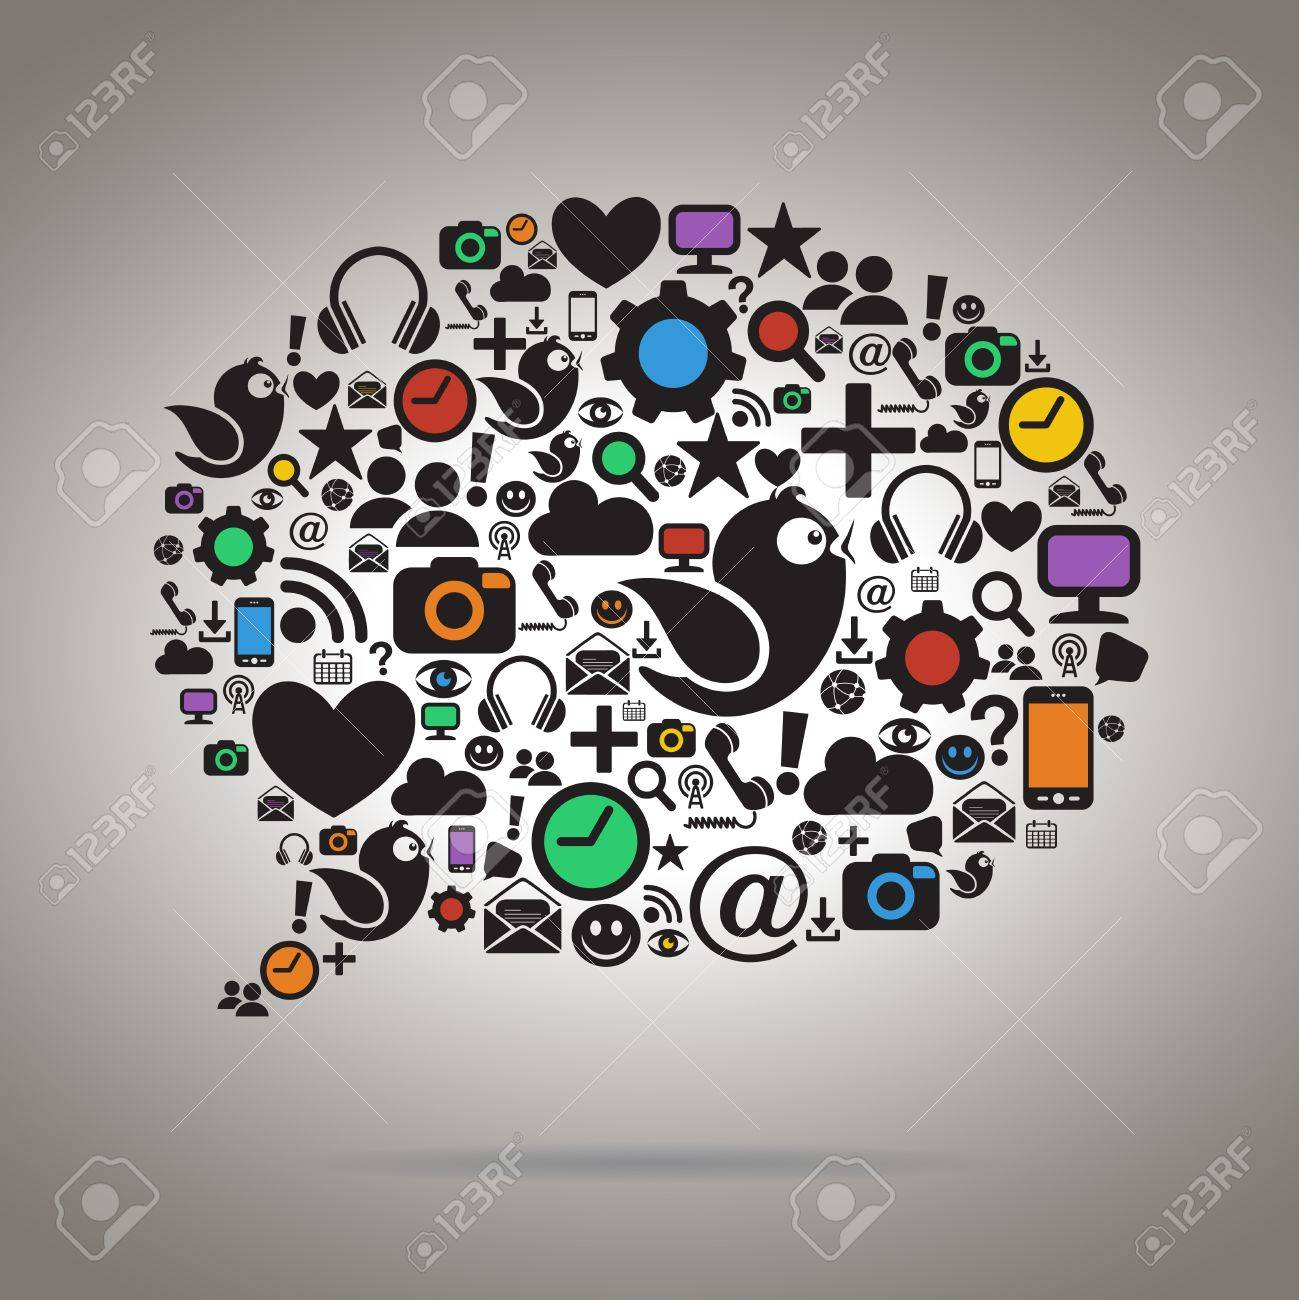 Colorful Social Media Speech Bubble Stock Vector - 20763065